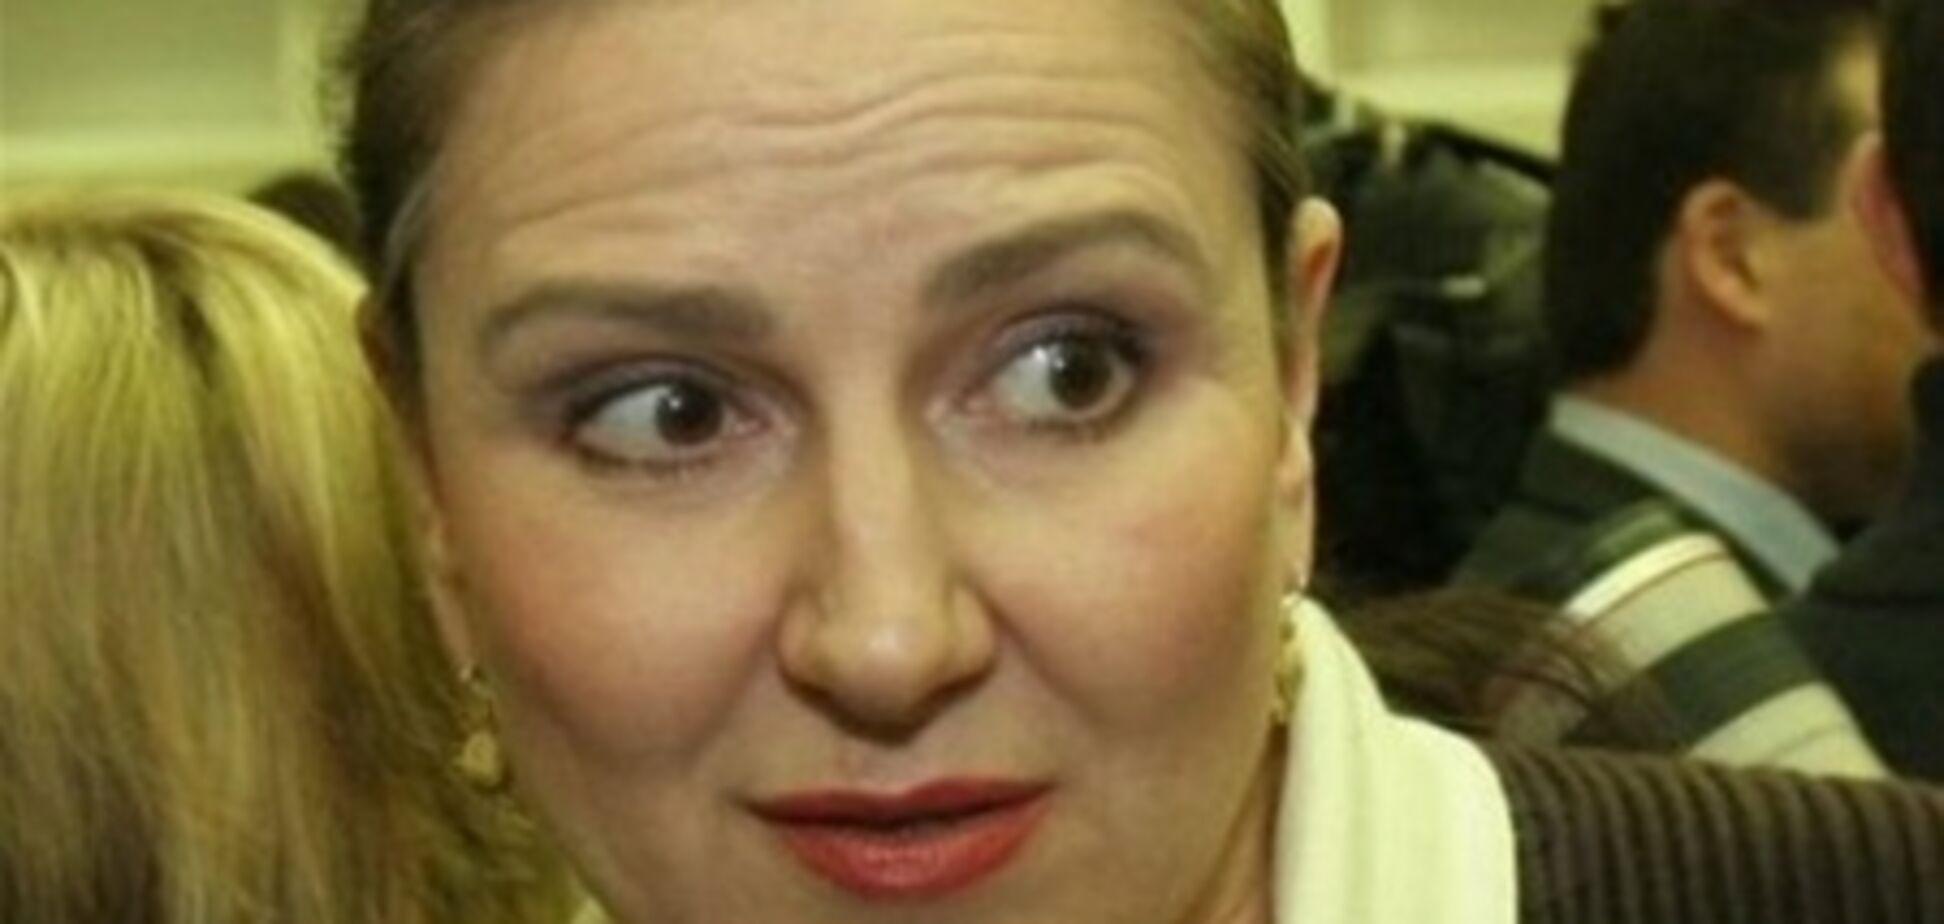 Богословская жила в общежитии и мечтала стать актрисой